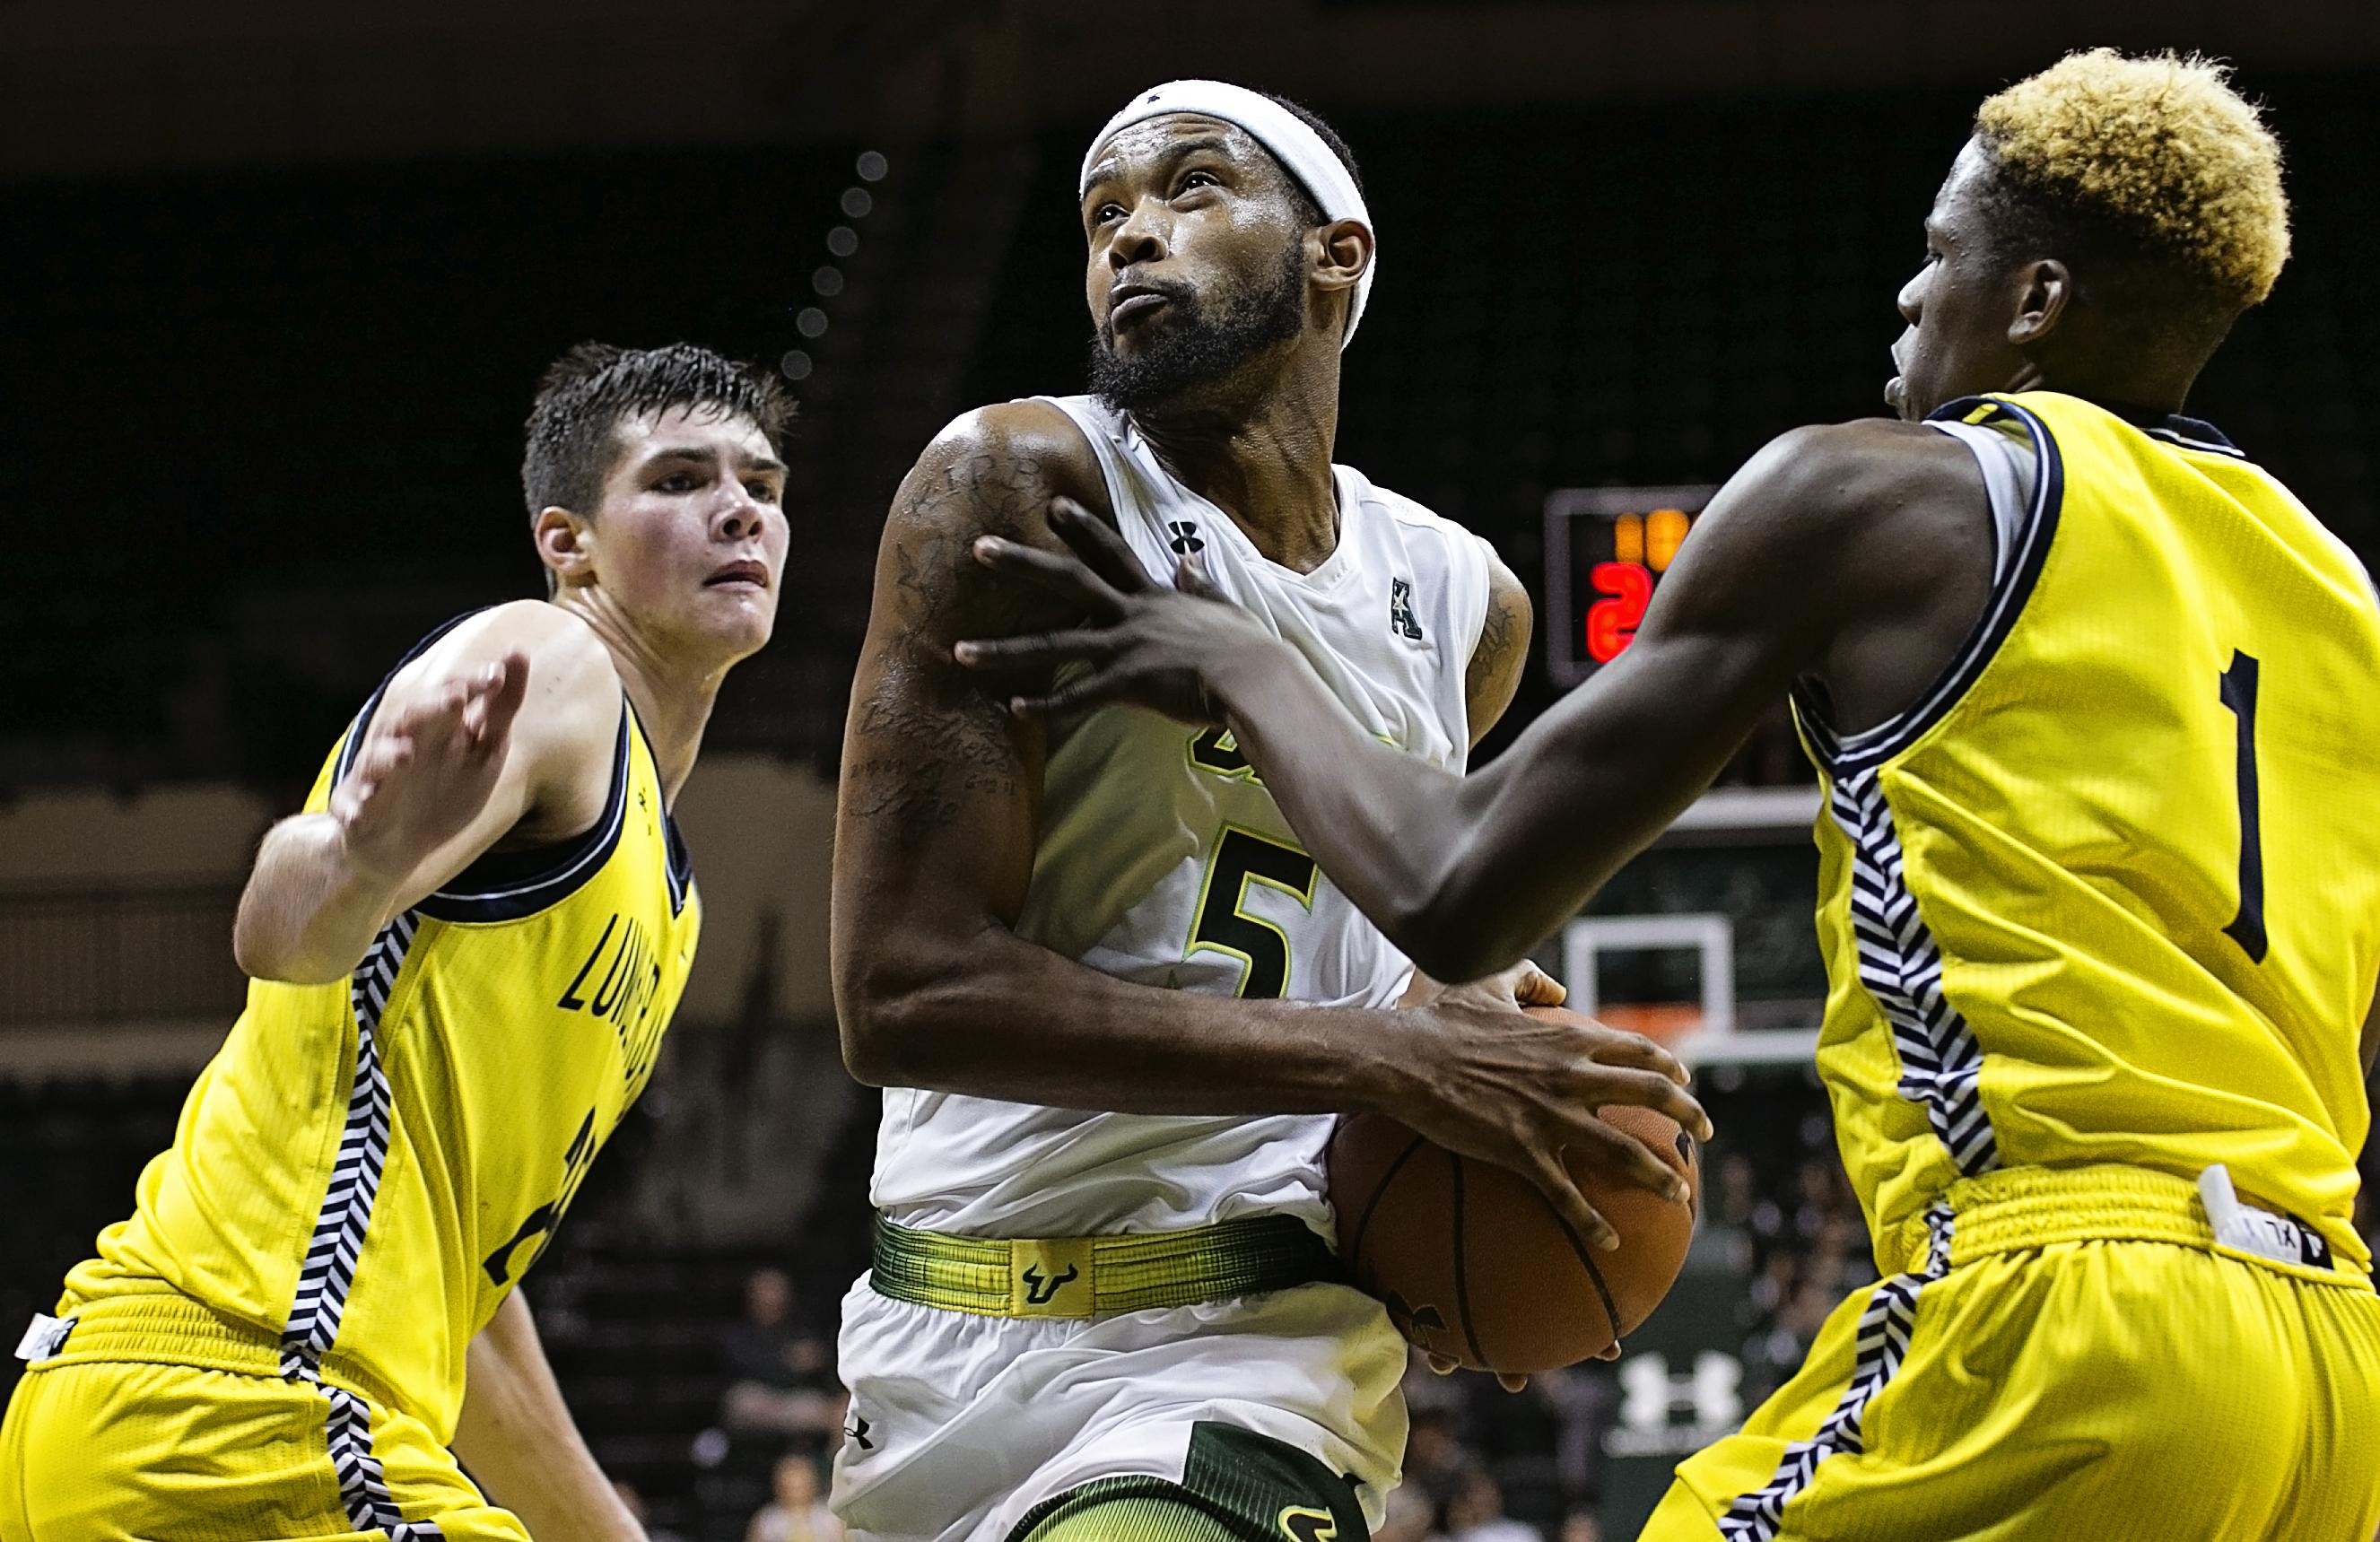 Martin splits two defenders for basket./CARMEN MANDATO